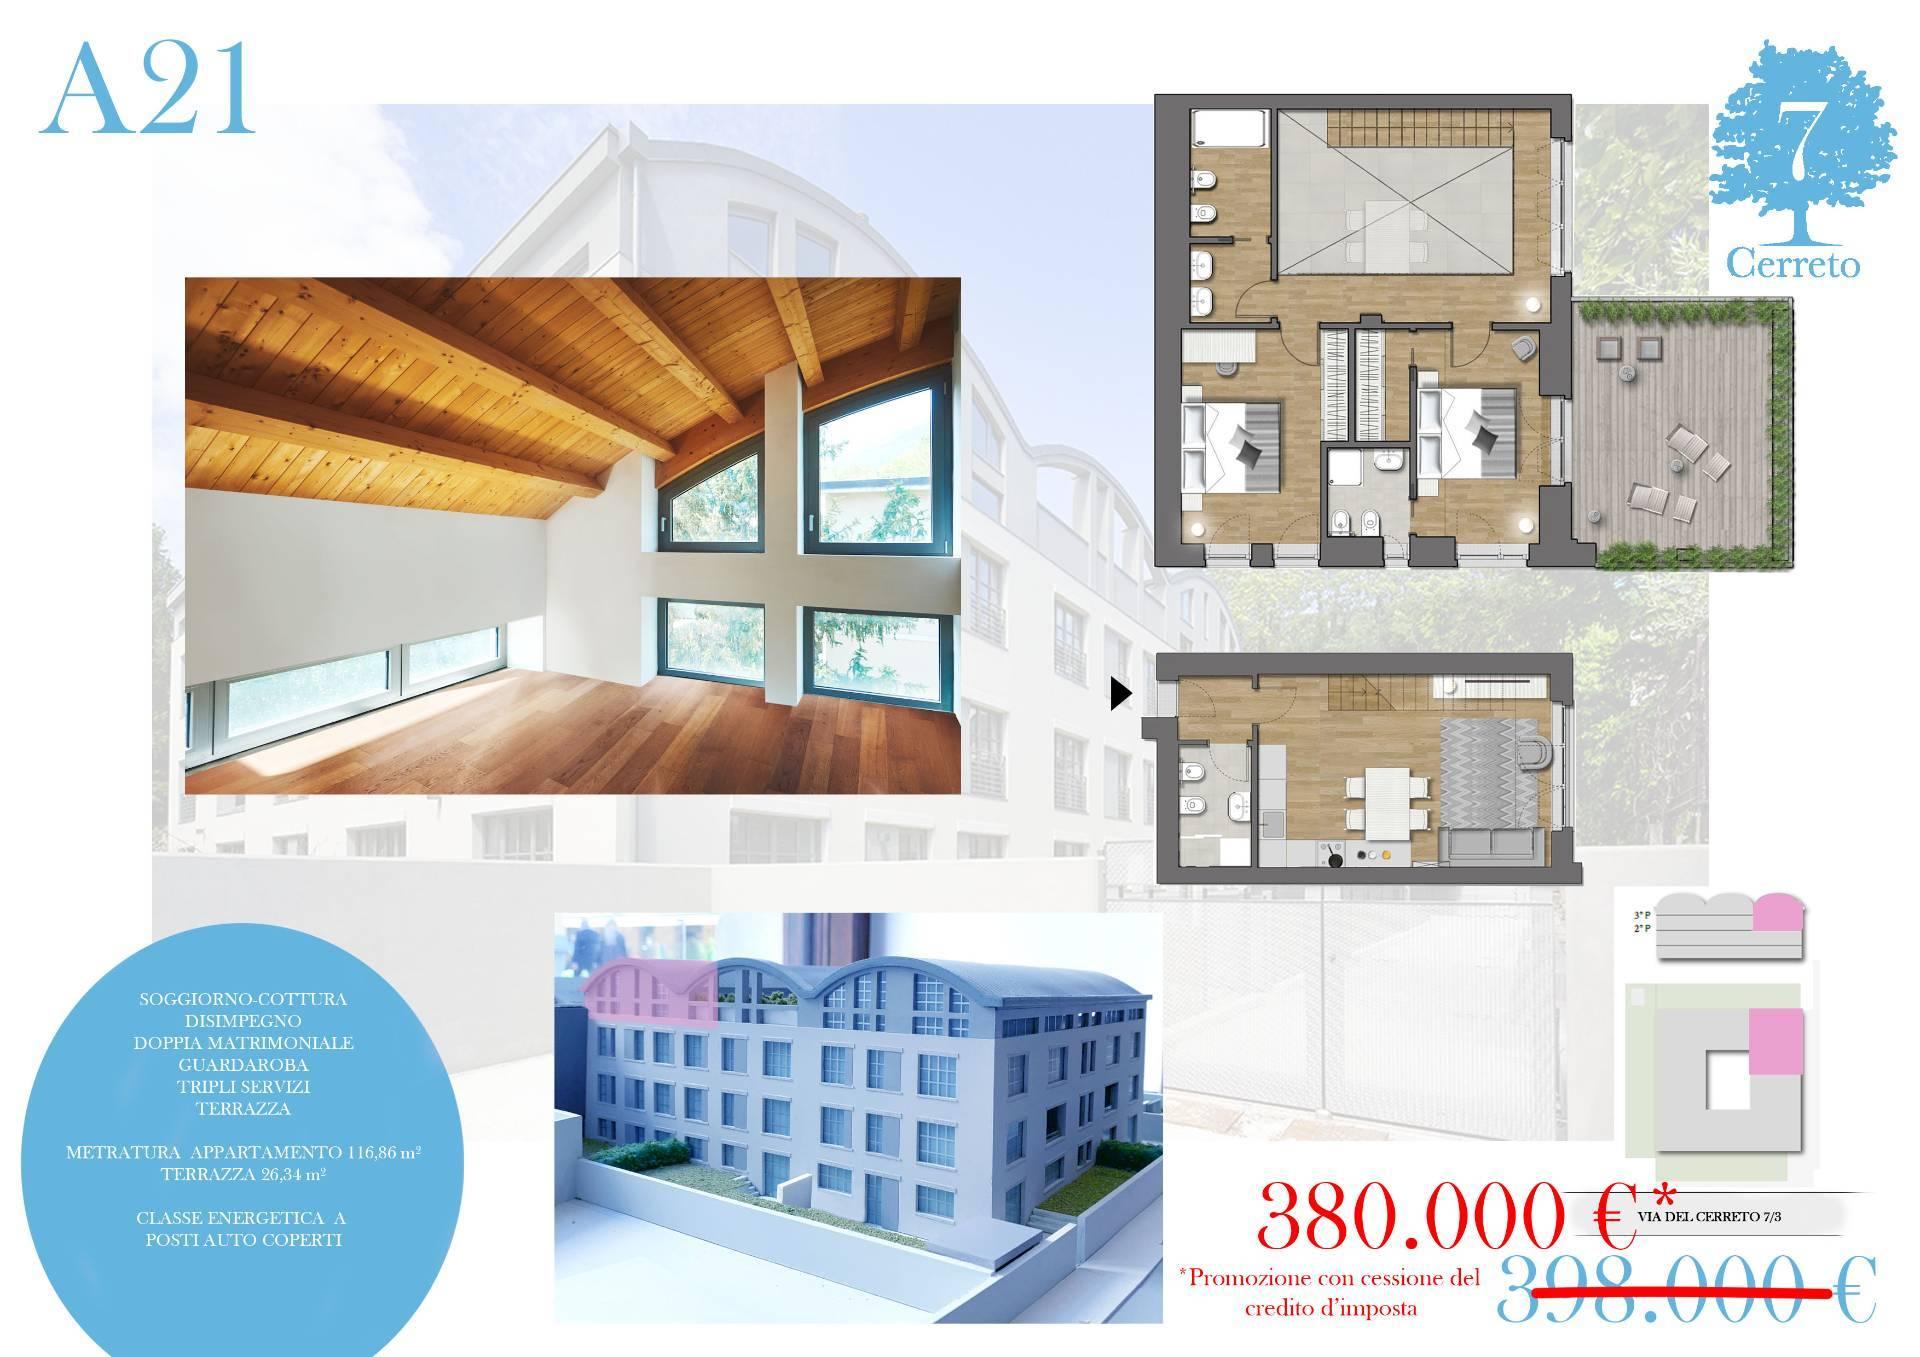 Appartamento in vendita a Trieste, 3 locali, zona Località: Zonedipregio, prezzo € 380.000 | CambioCasa.it